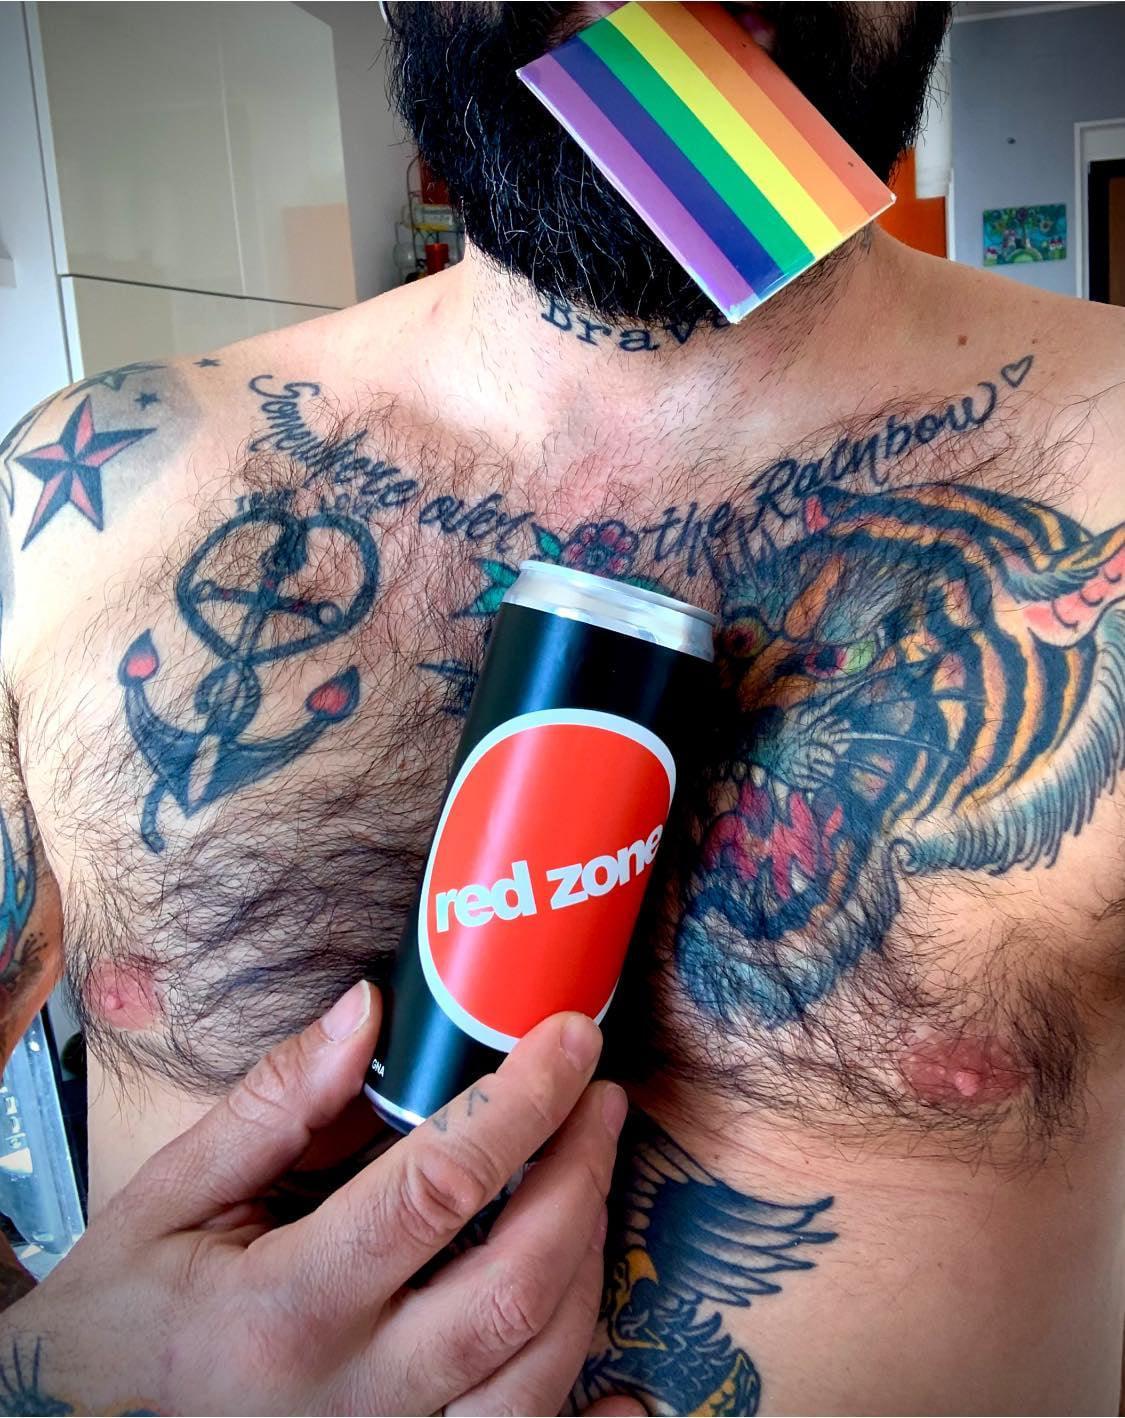 Birra Red Zone, per un momento di pace!